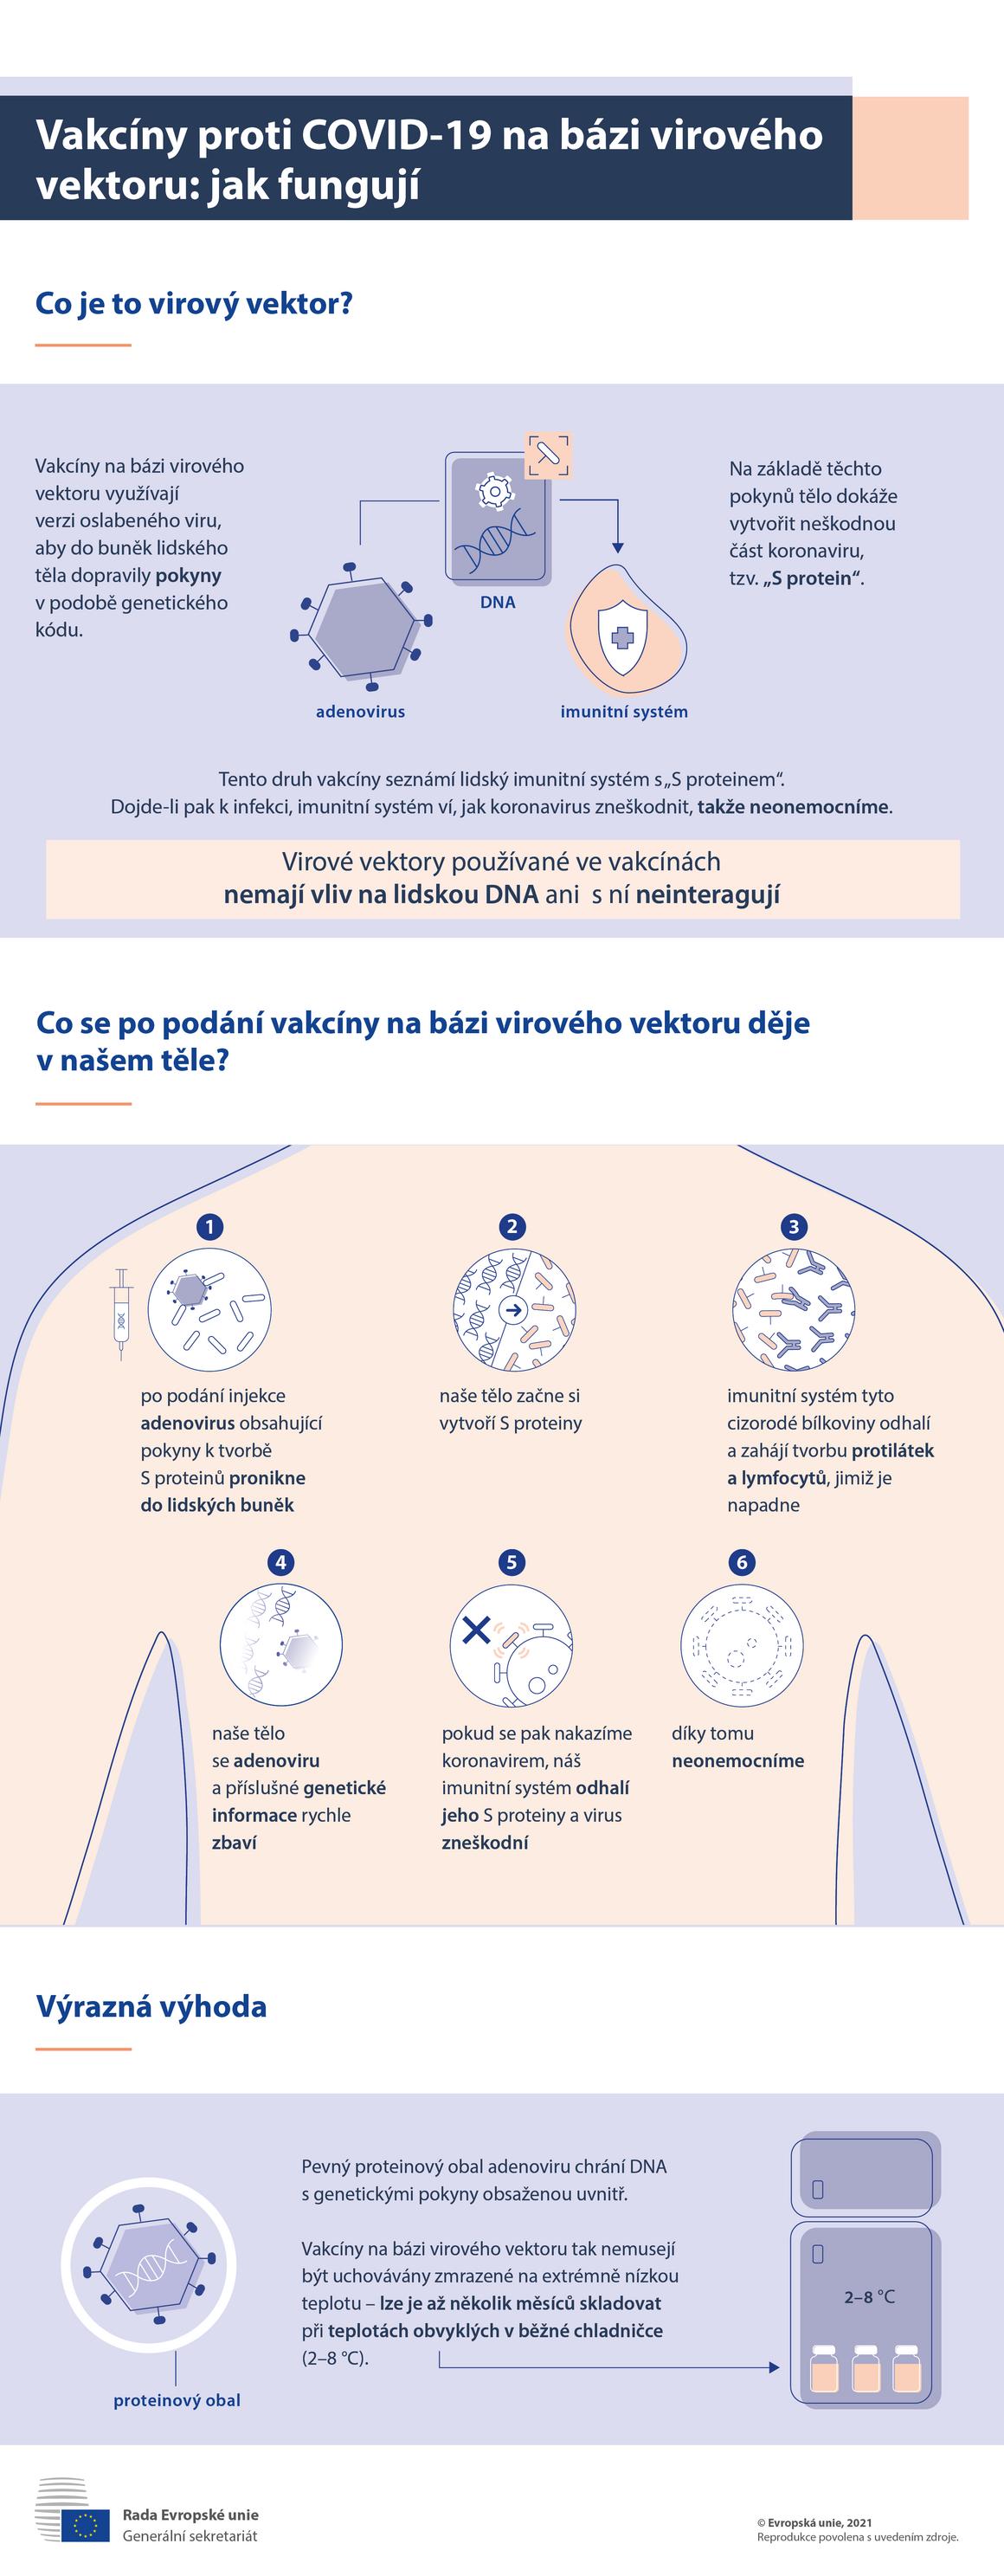 Infografika – Vakcíny proti COVID-19 na bázi virového vektoru: jak fungují